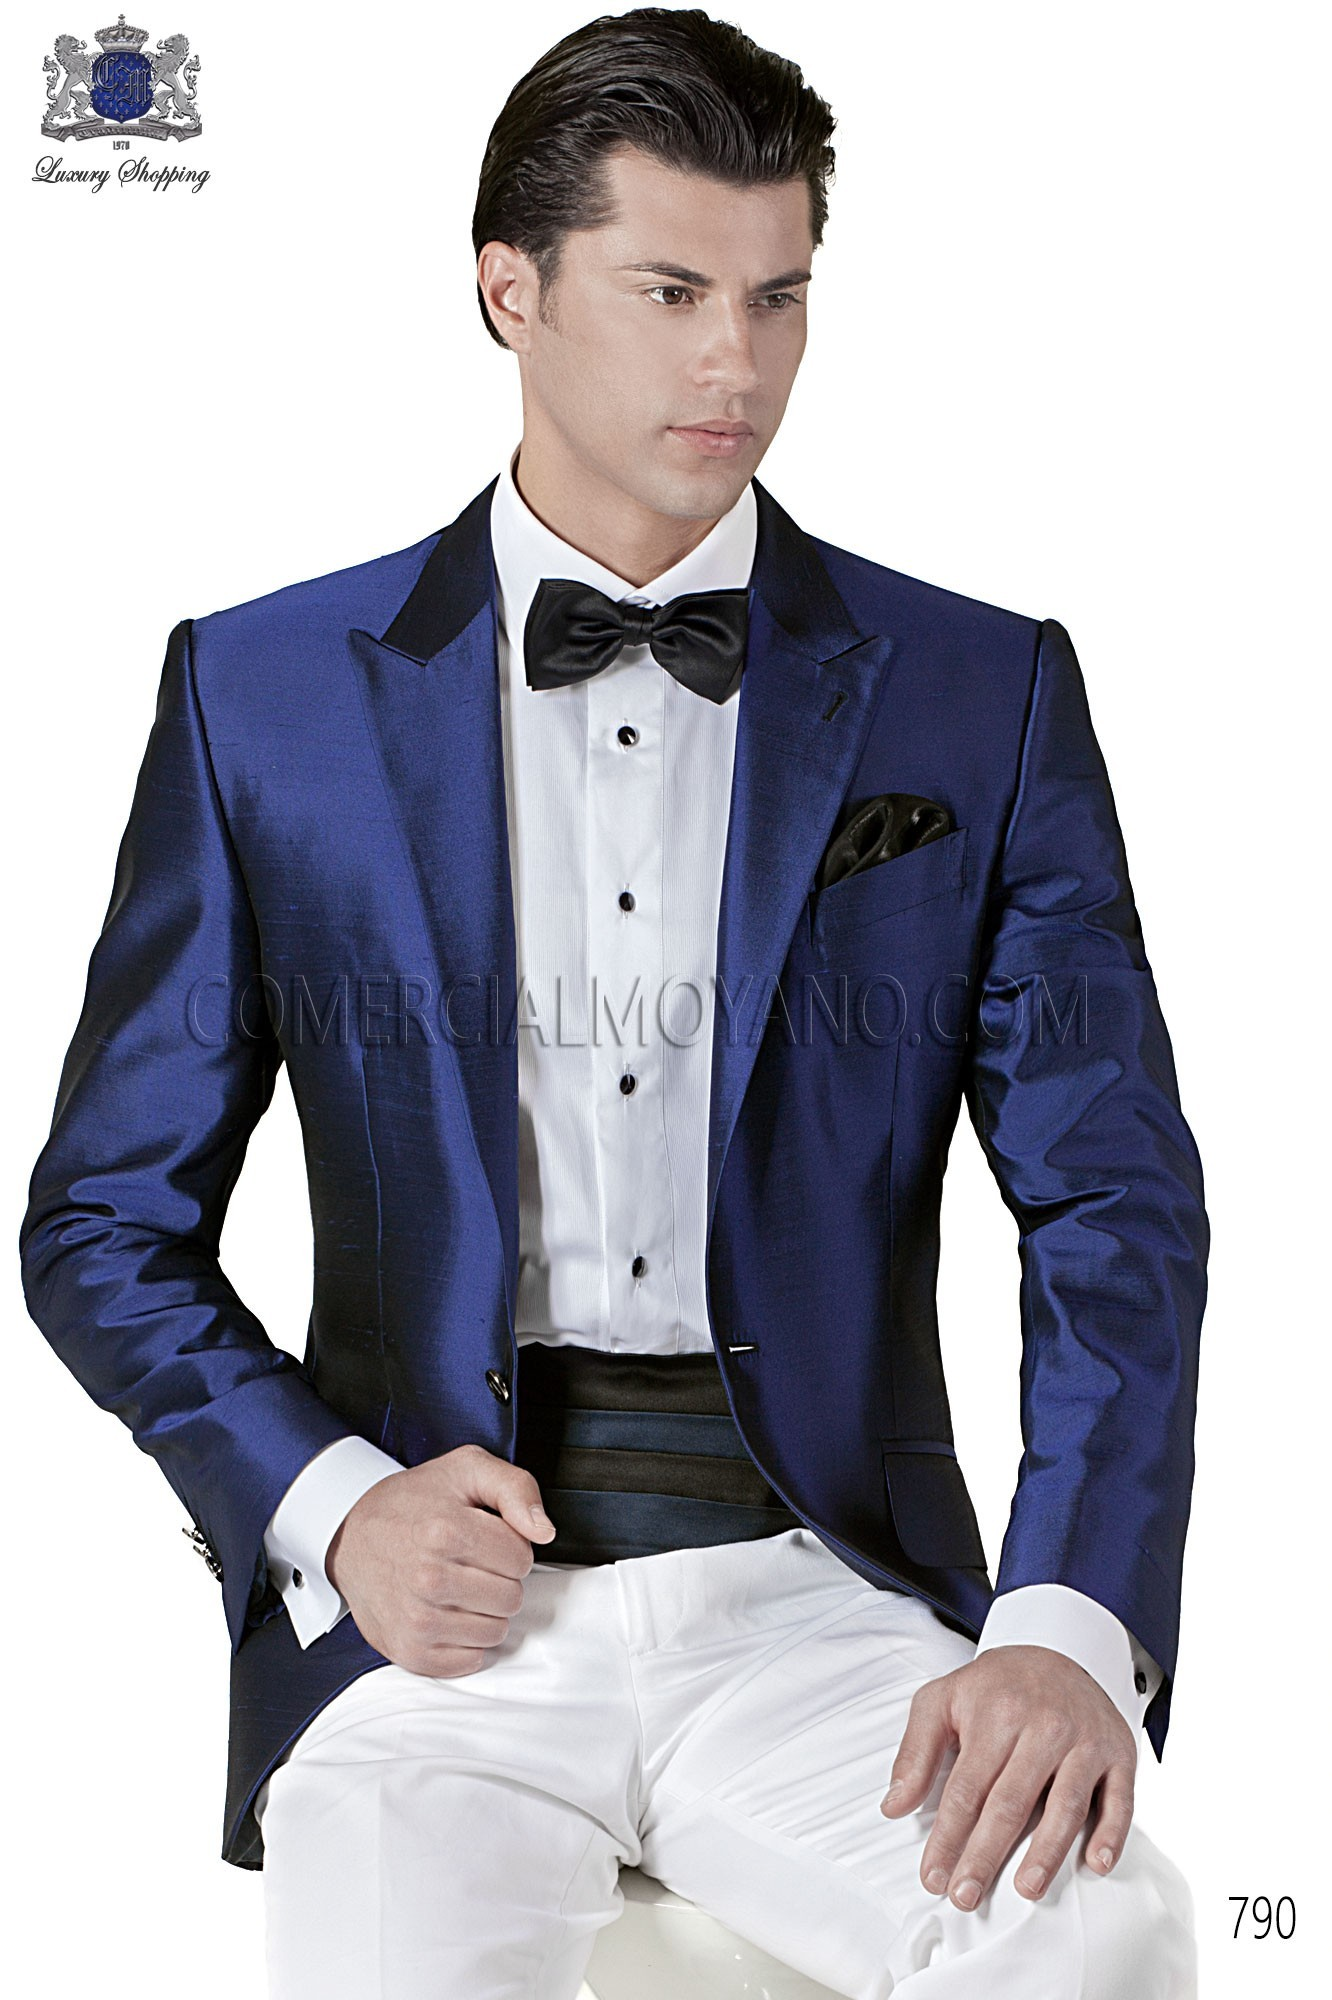 Traje de fiesta hombre azul modelo: 790 Ottavio Nuccio Gala colección Black Tie